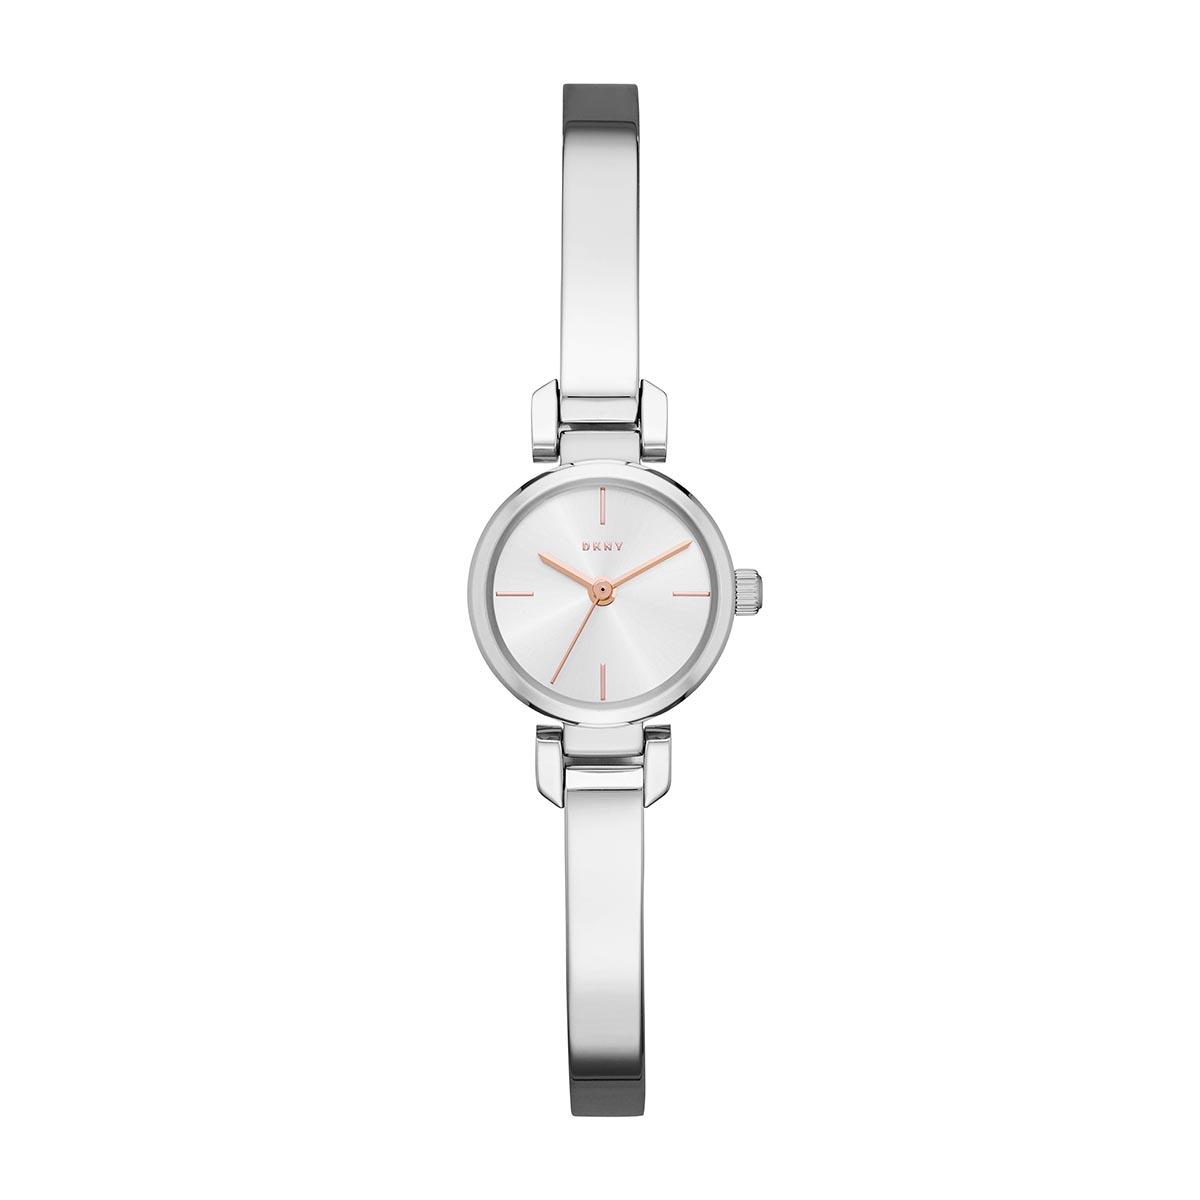 Ρολόι DKNY - Ellington NY2627 Silver Silver - Glami.gr 07254b25fcc